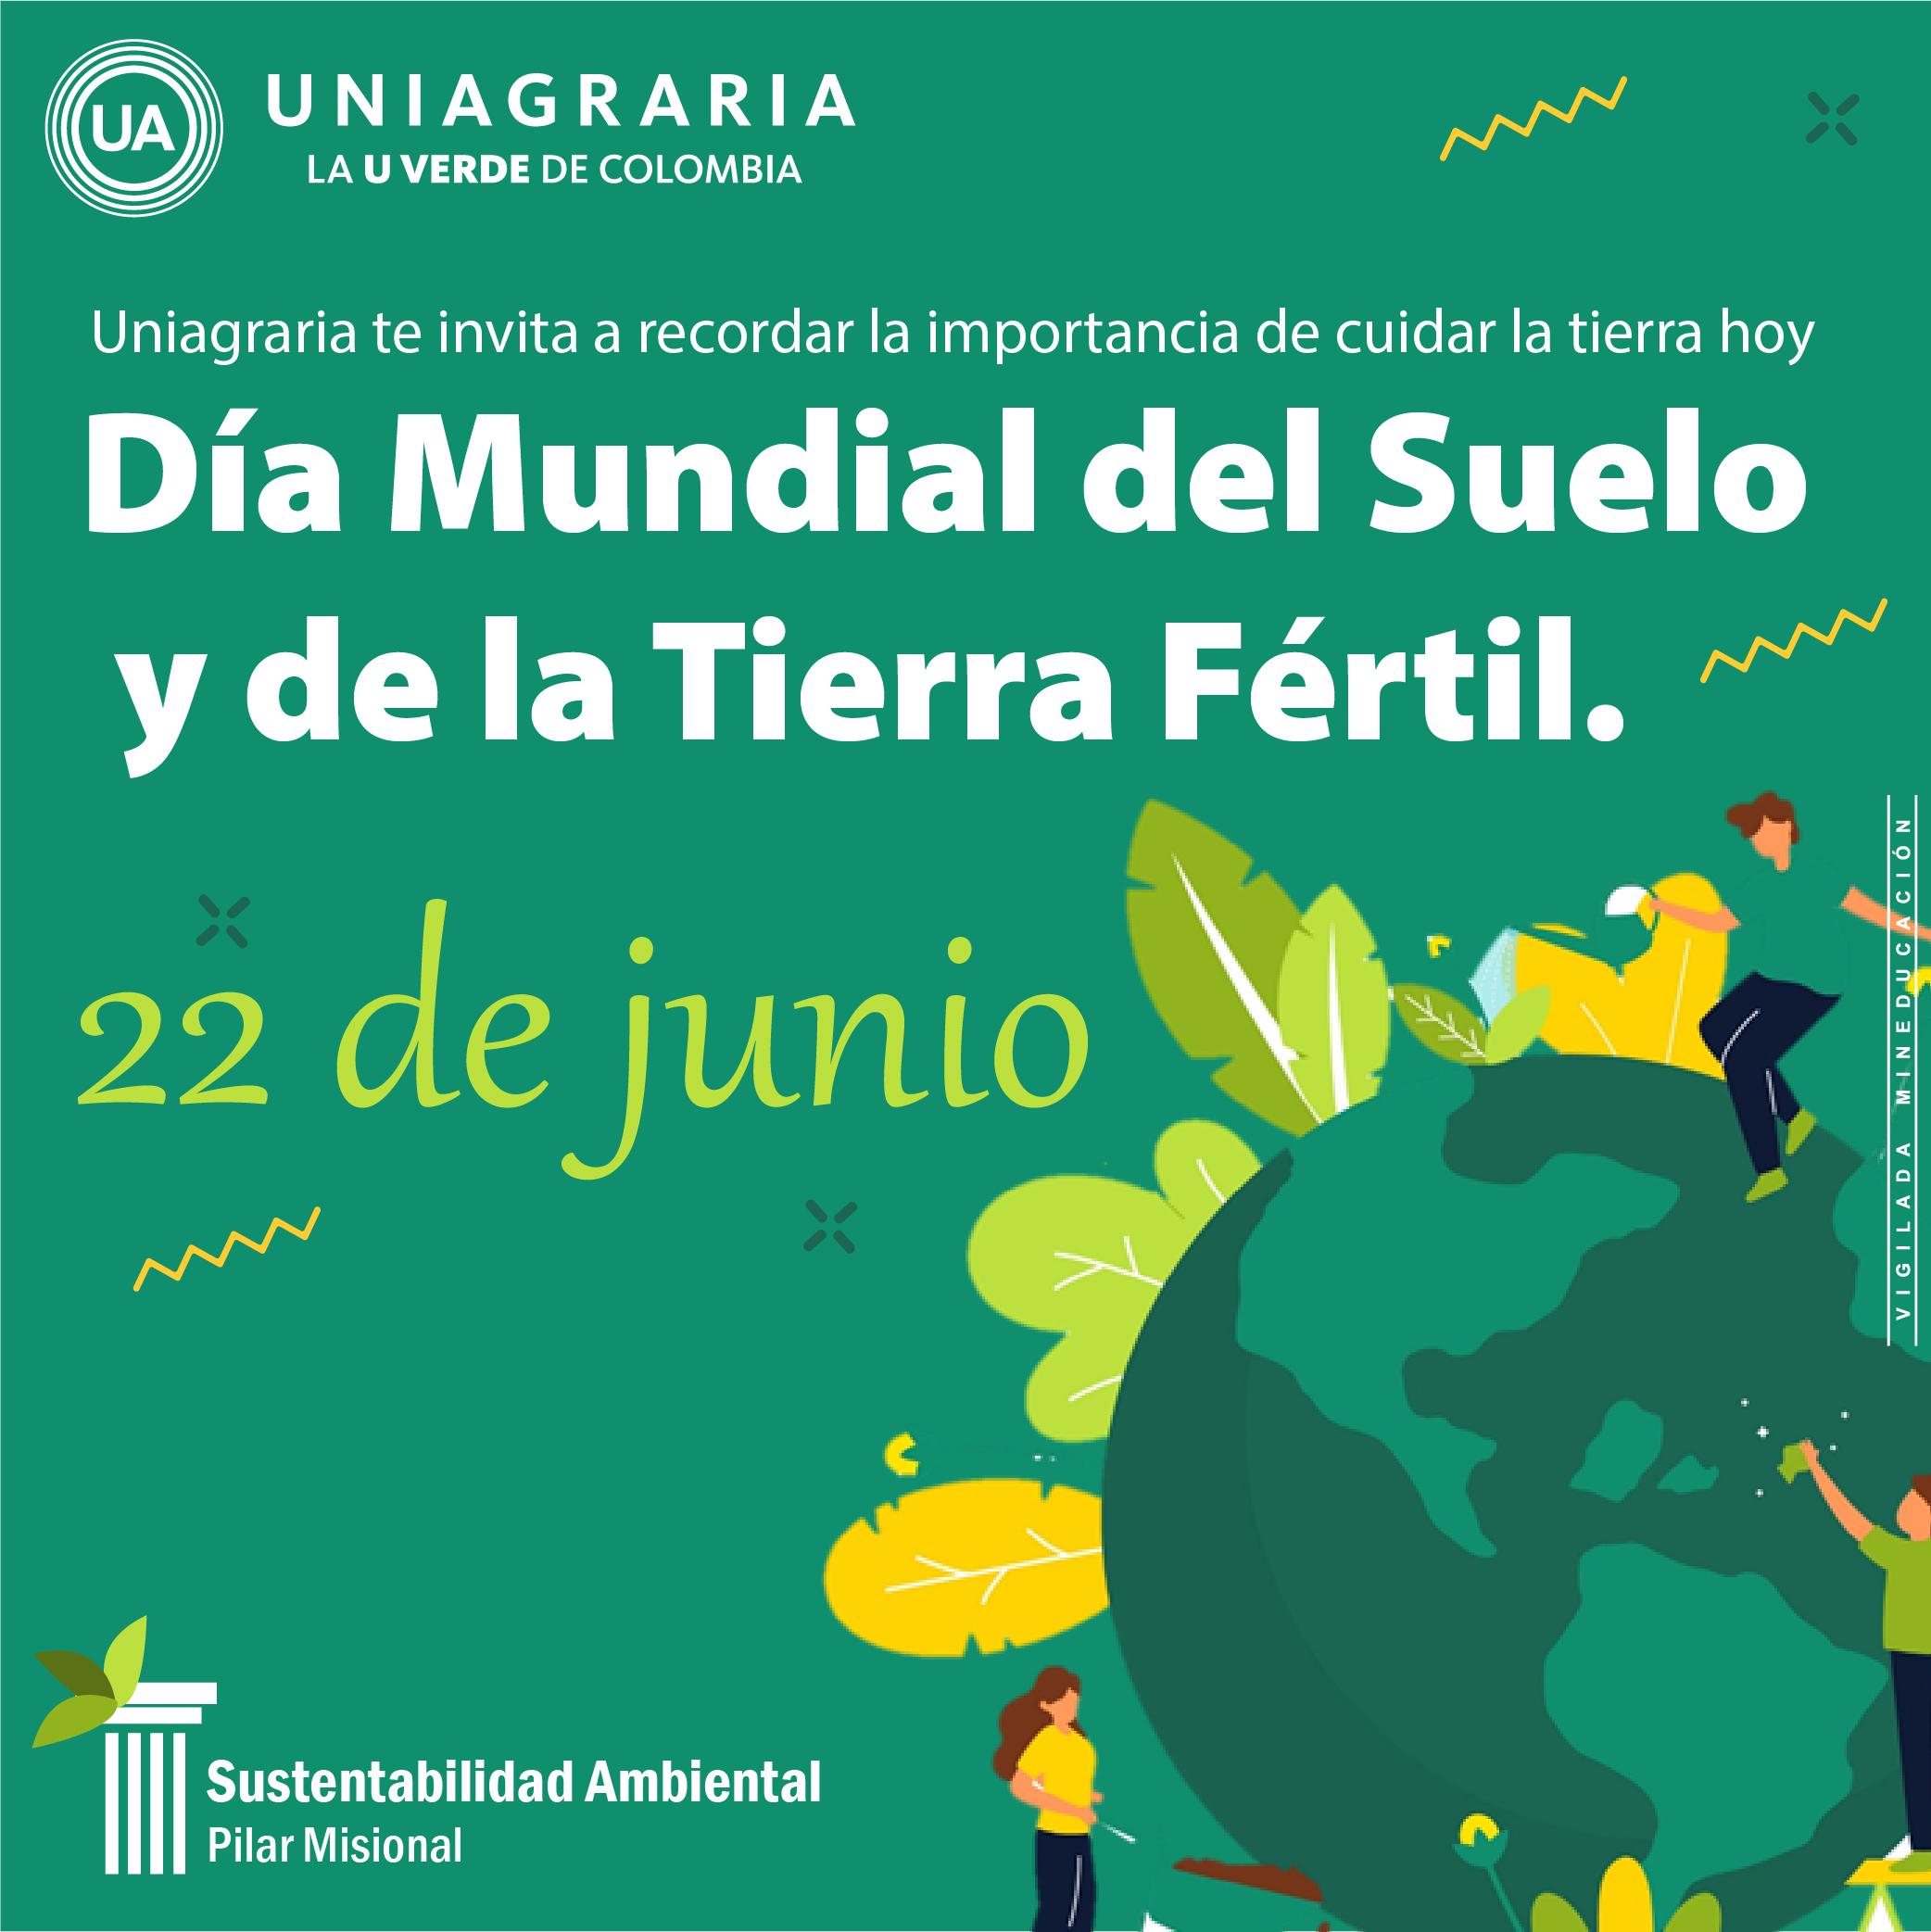 Día Mundial del Suelo y de la Tierra Fértil